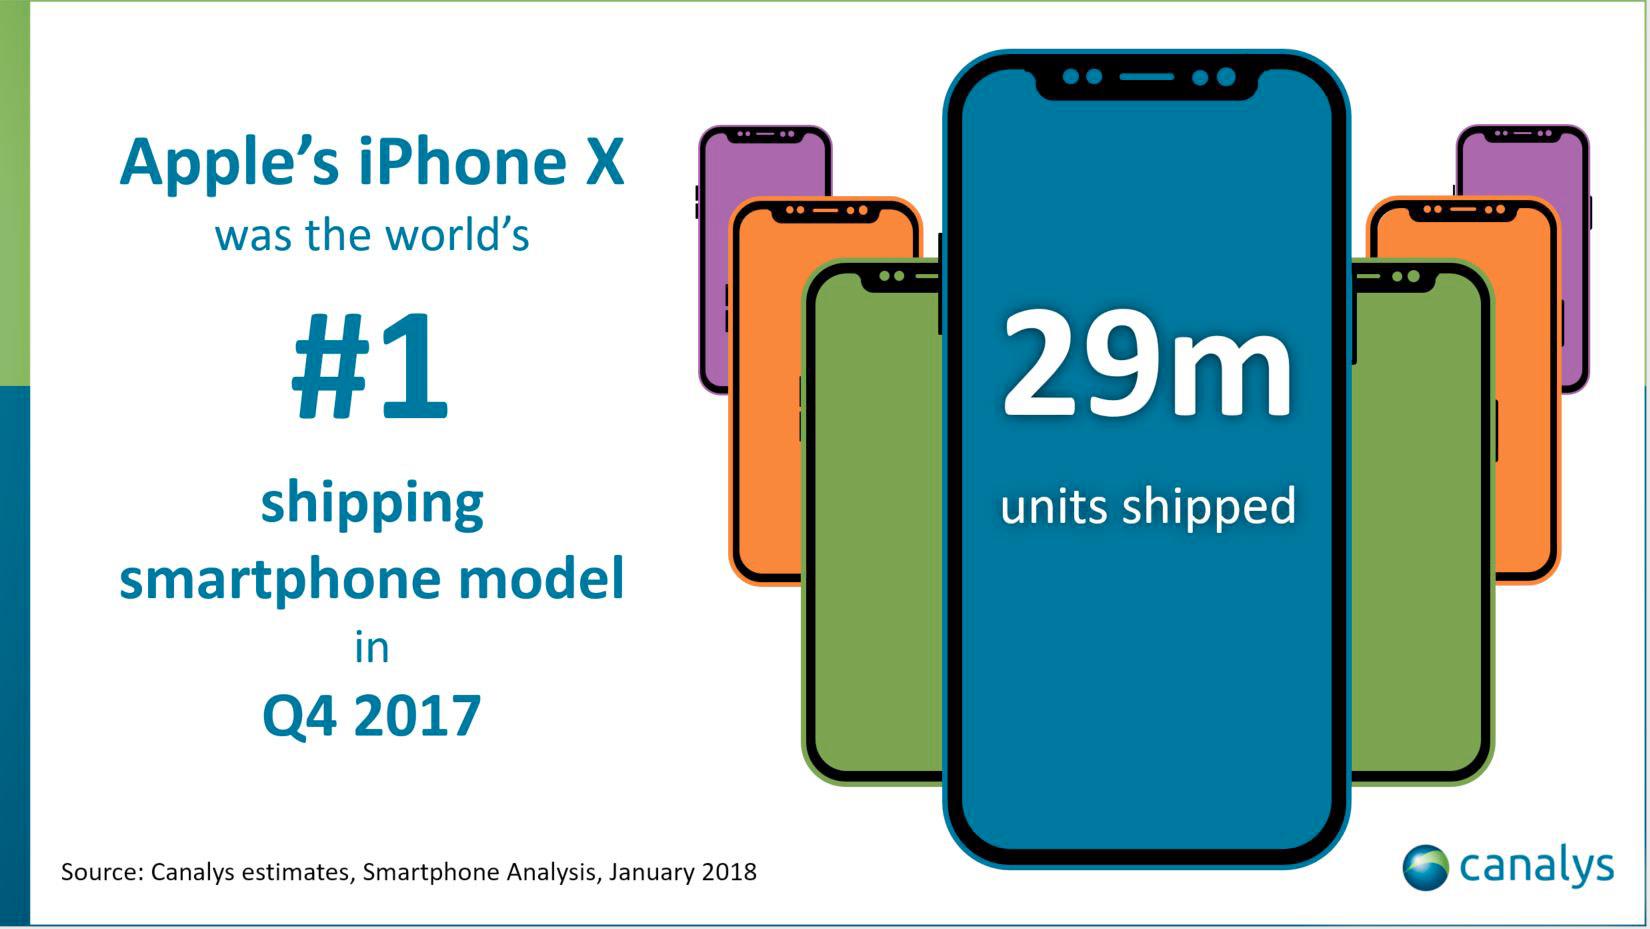 Einheiten Iphone X